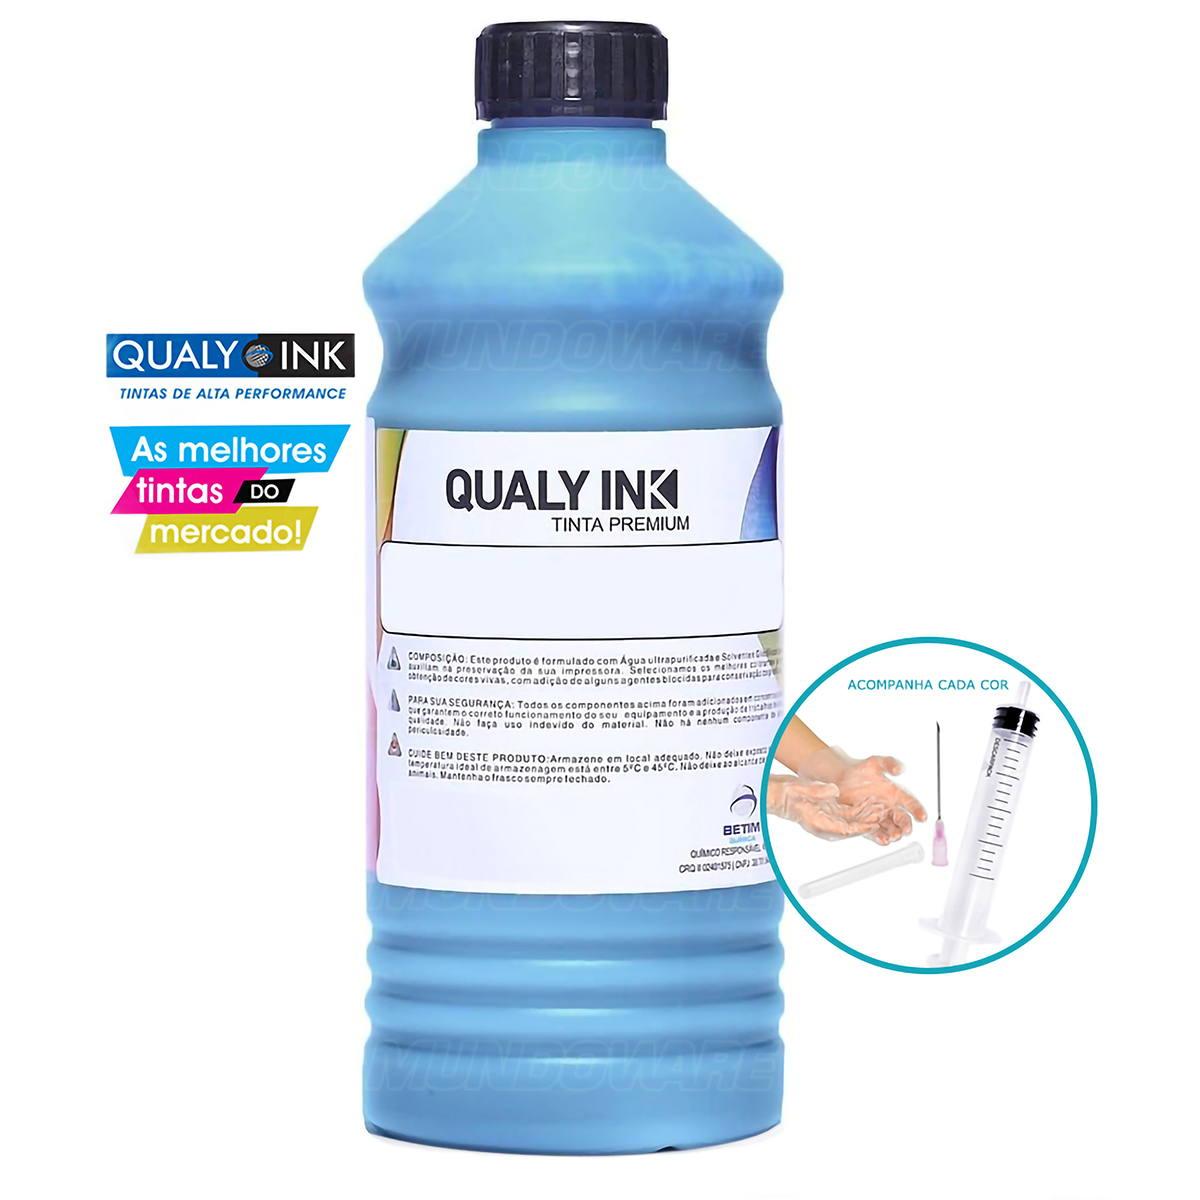 Compatível: Tinta Corante Qualy-Ink CC3E-1512 Série 664 para Epson L100 L200 L355 L365 L375 L395 L495 Ciano 1L